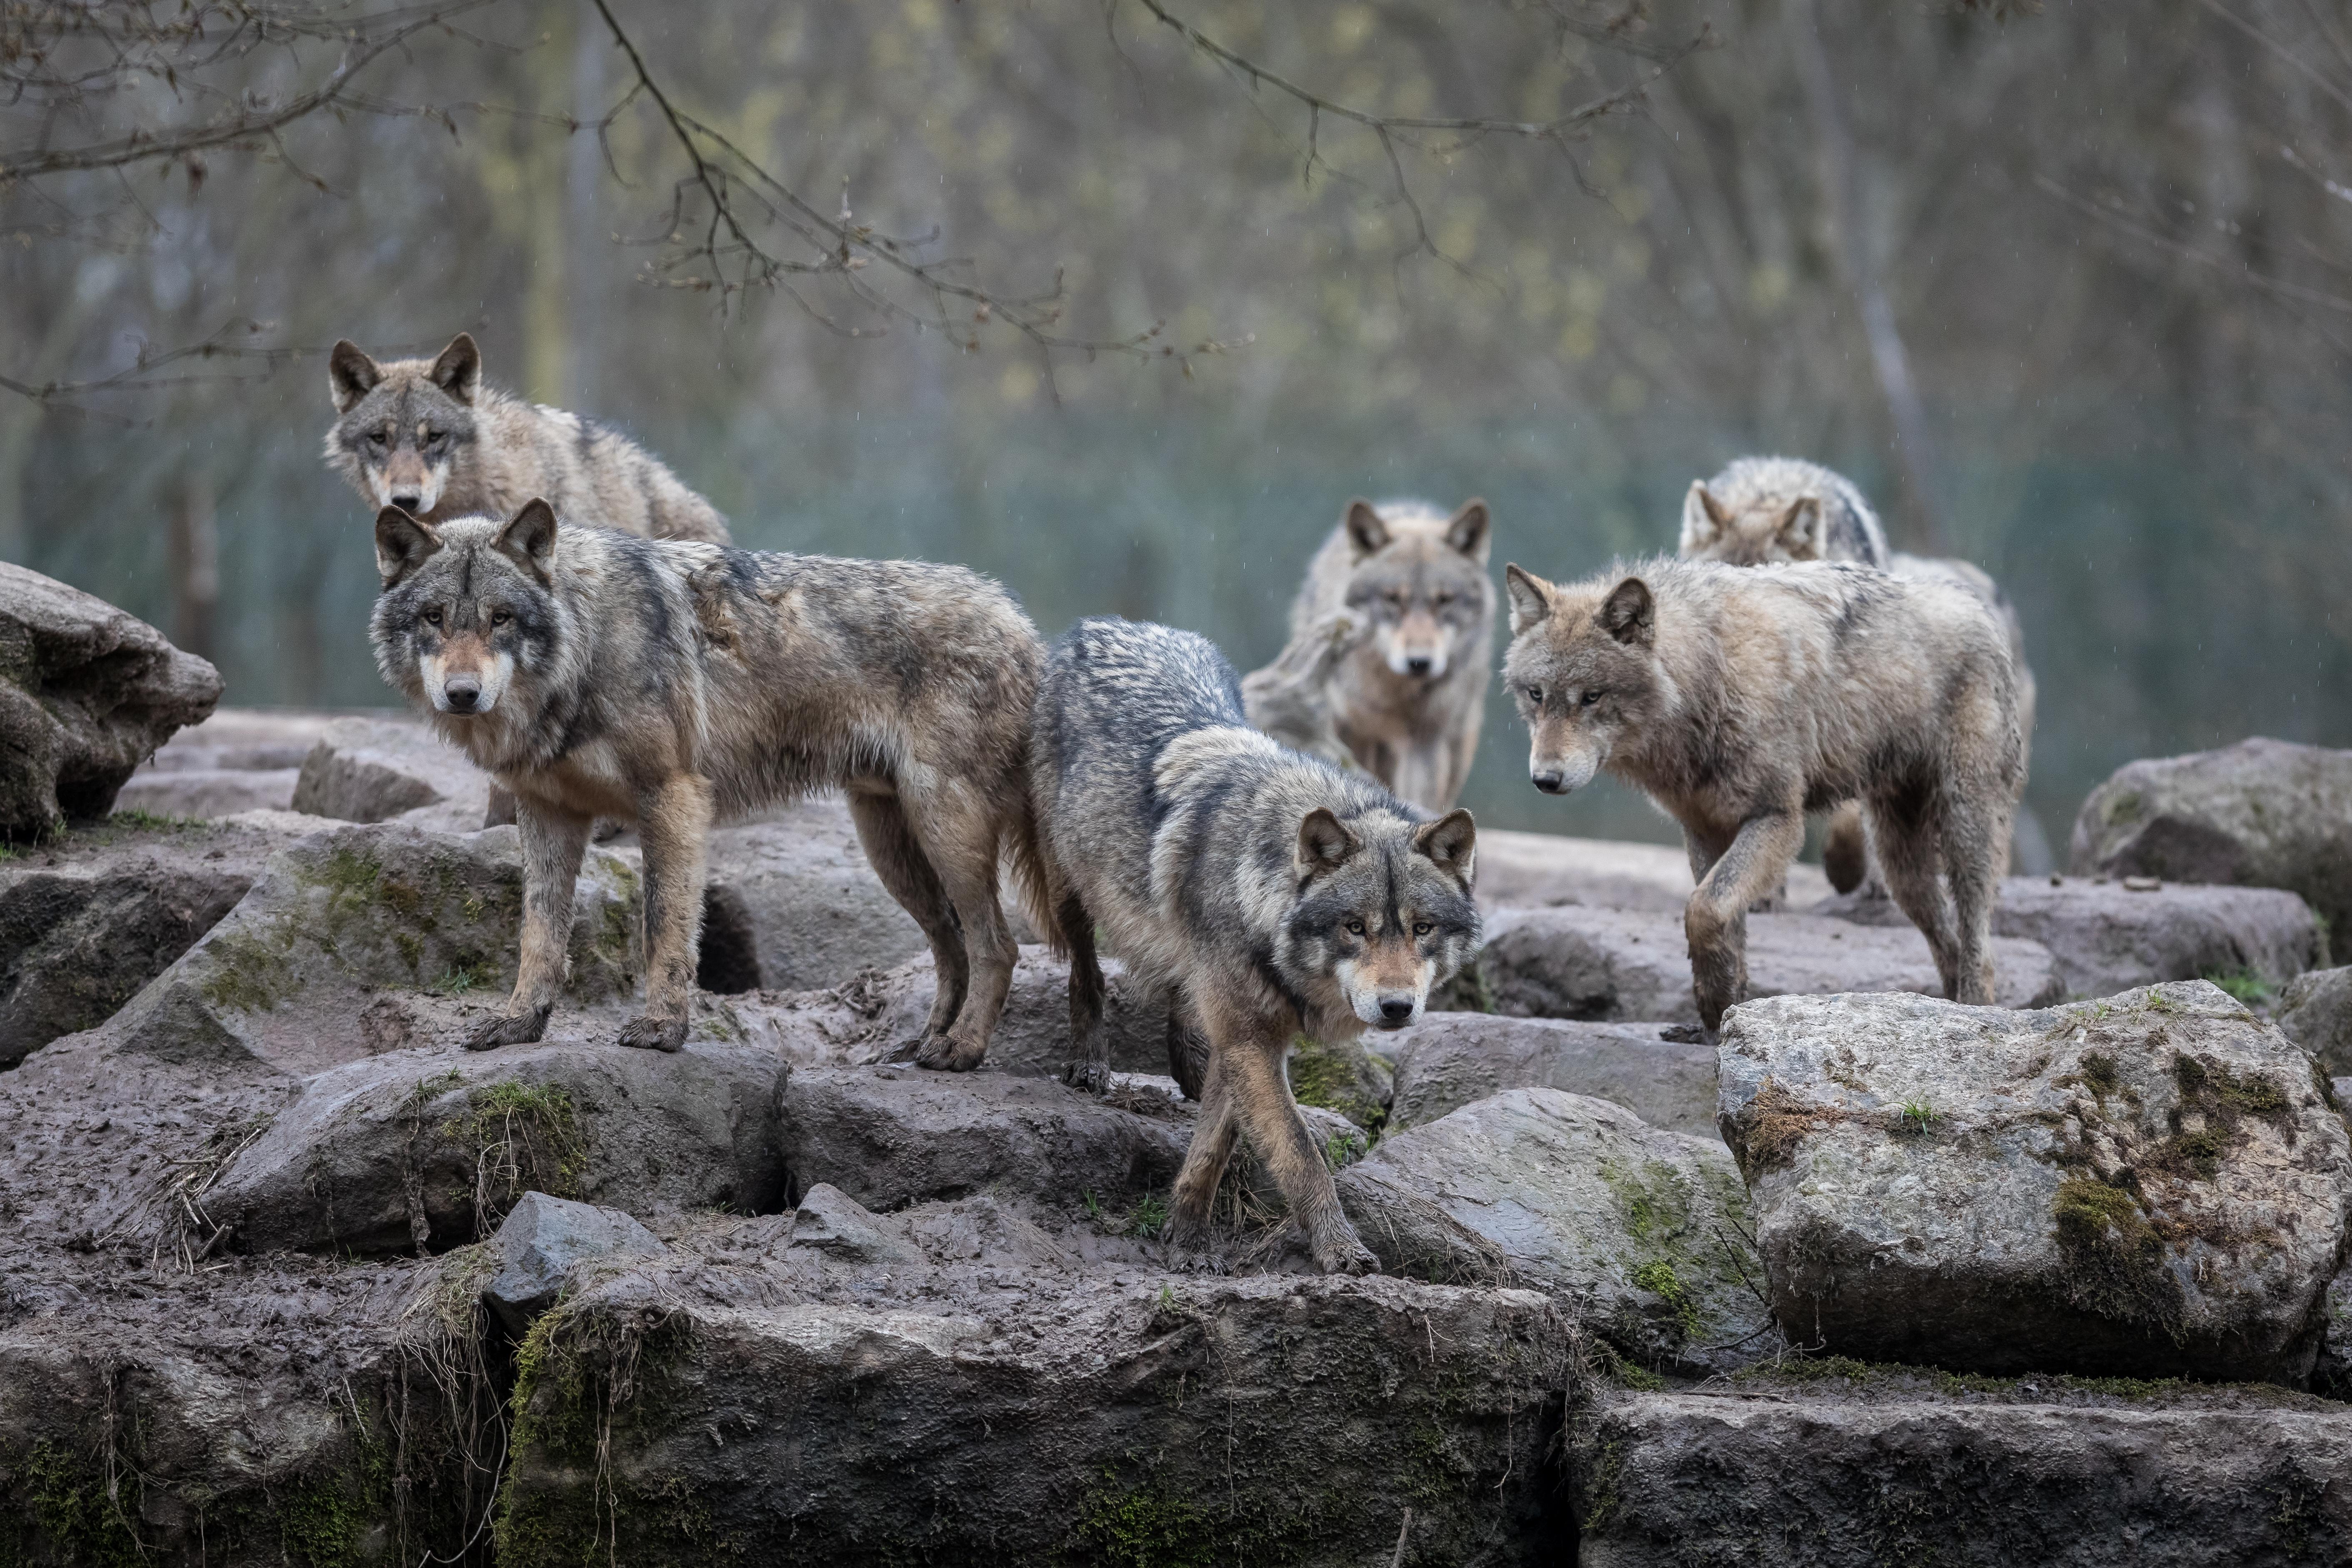 Loups gris (Canis Lupus) en meute © Alexandre / Adobe Stock